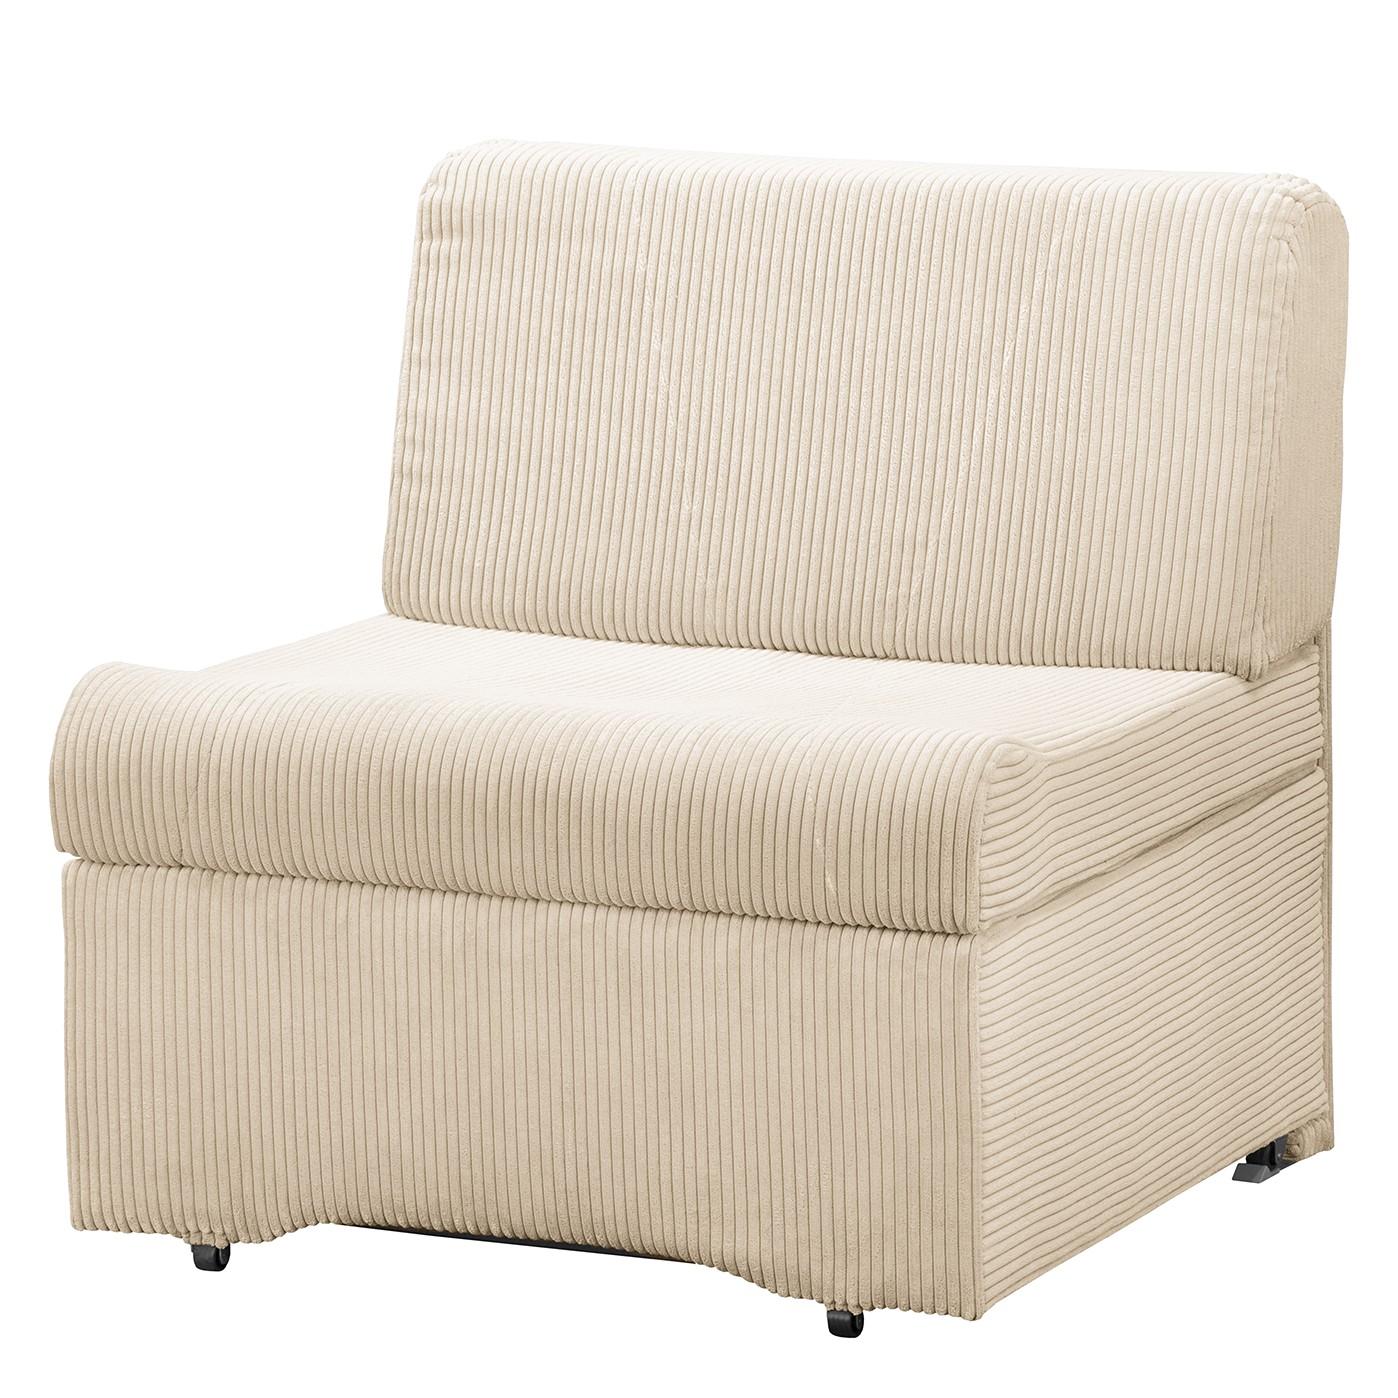 home24 Fredriks Schlafsessel Disley IV Creme 100% Polyester mit Schlaffunktion/Bettkasten 86x84x84 cm (BxHxT)